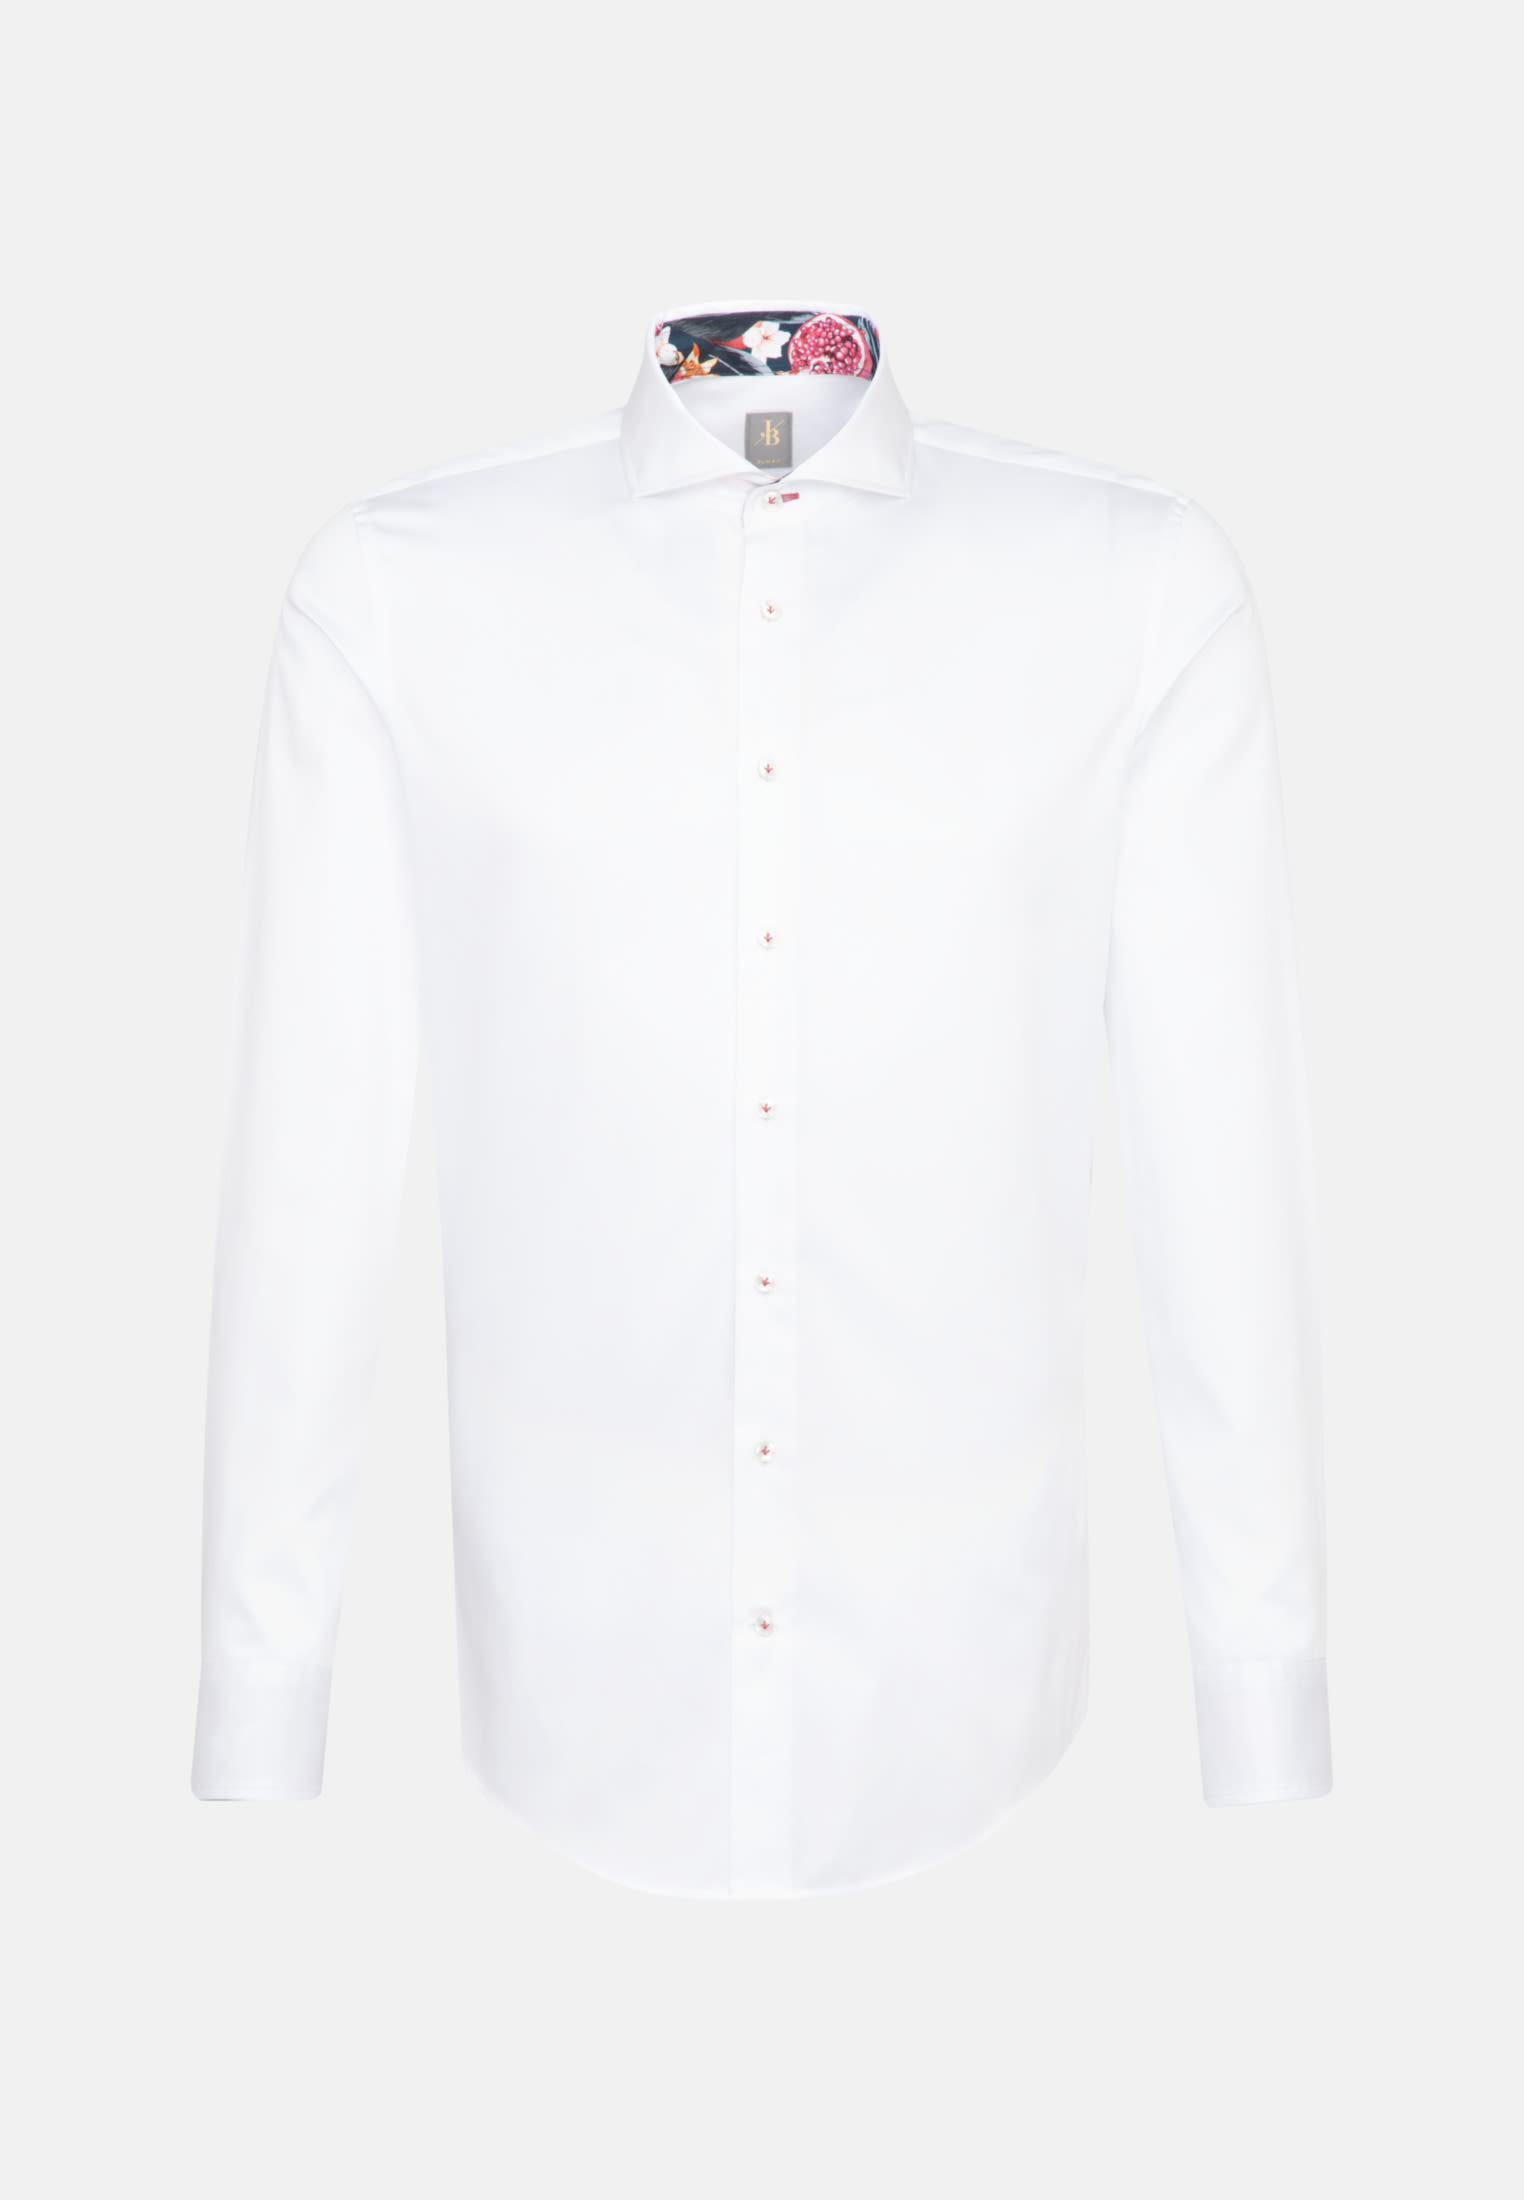 Satin Business Hemd in Slim Fit mit Haifischkragen in Weiß    Jacques Britt Onlineshop